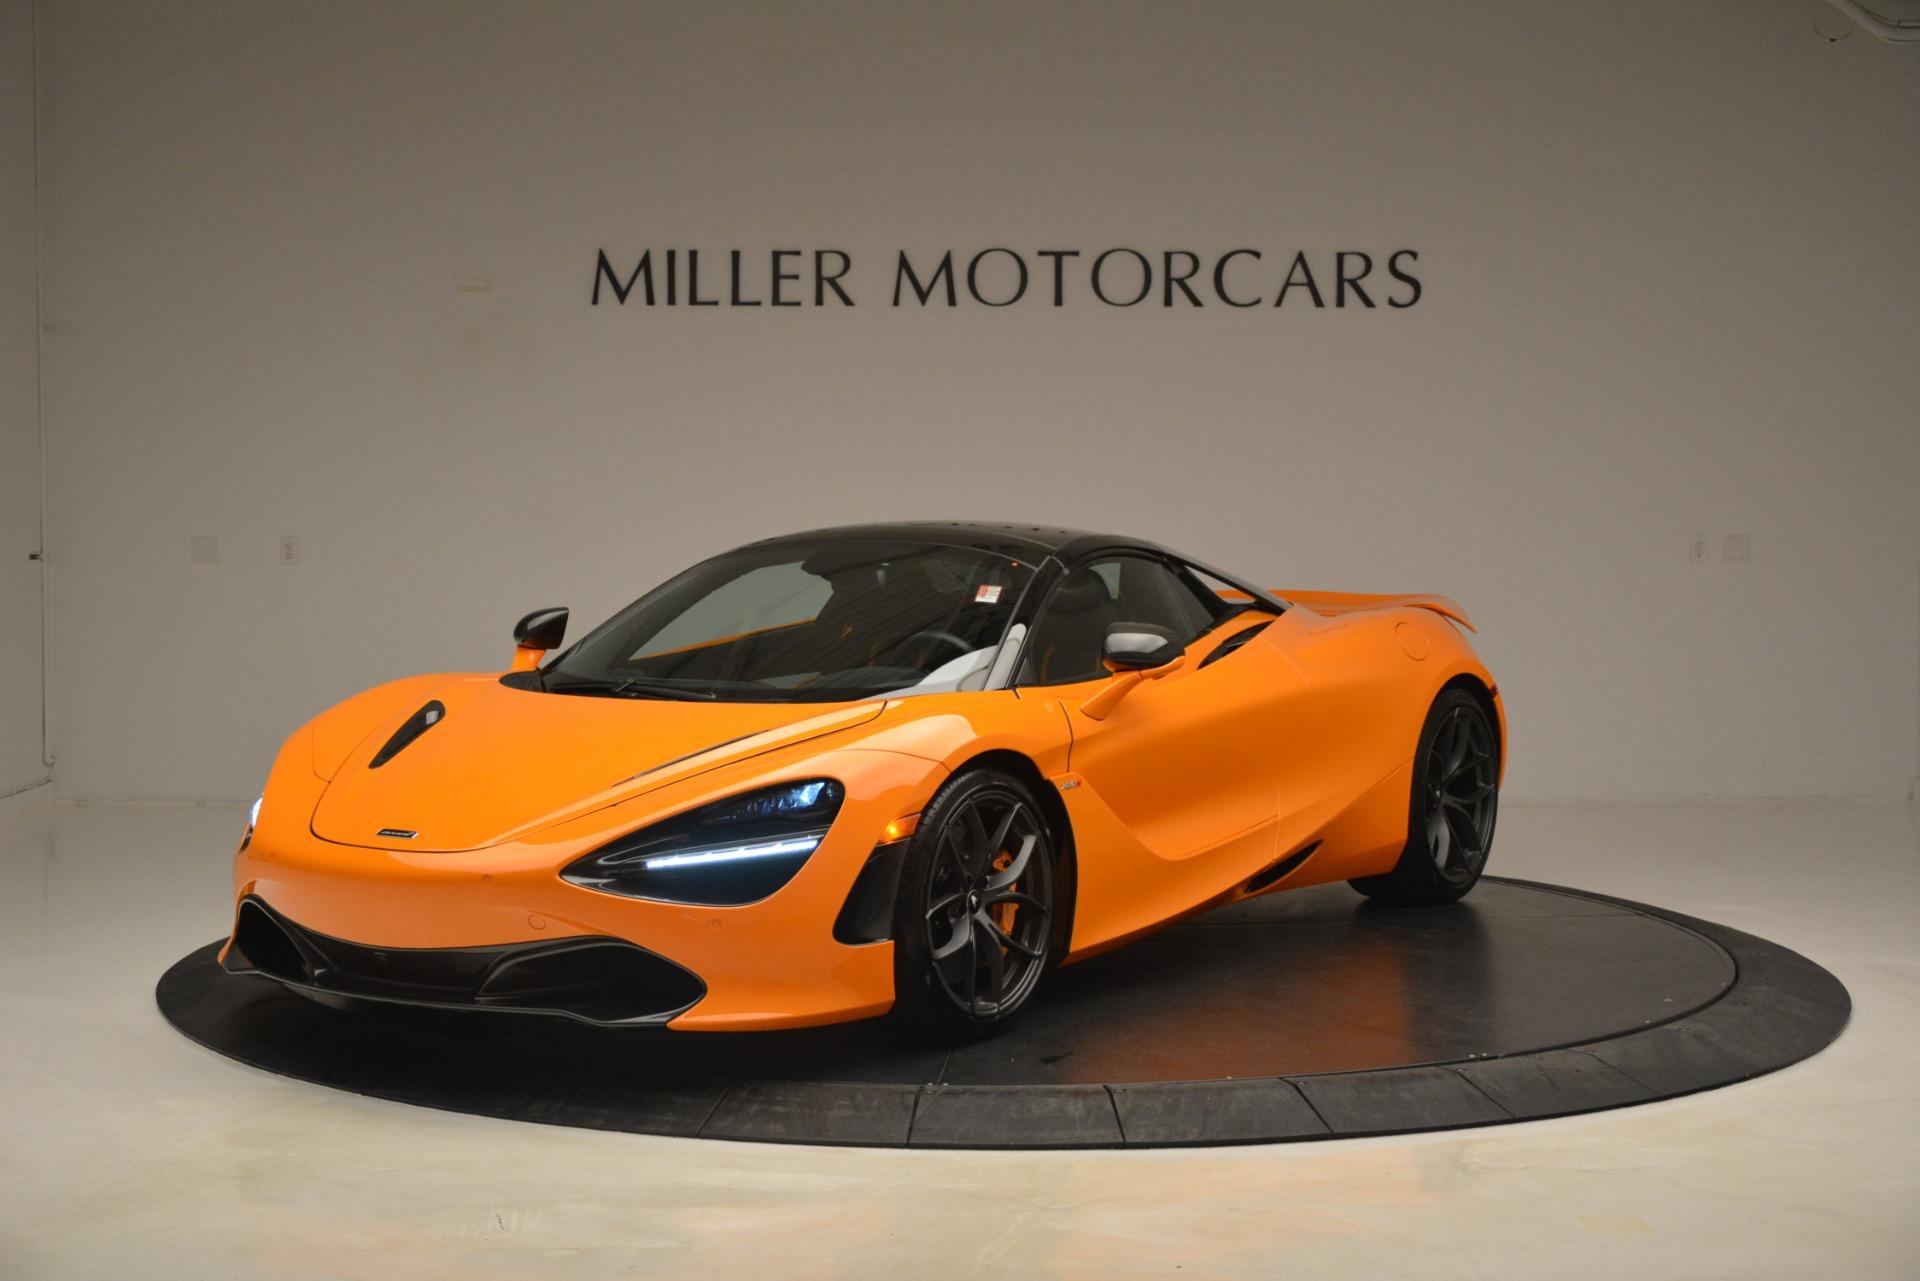 New 2020 McLaren 720S Spider For Sale In Westport, CT 3182_p2